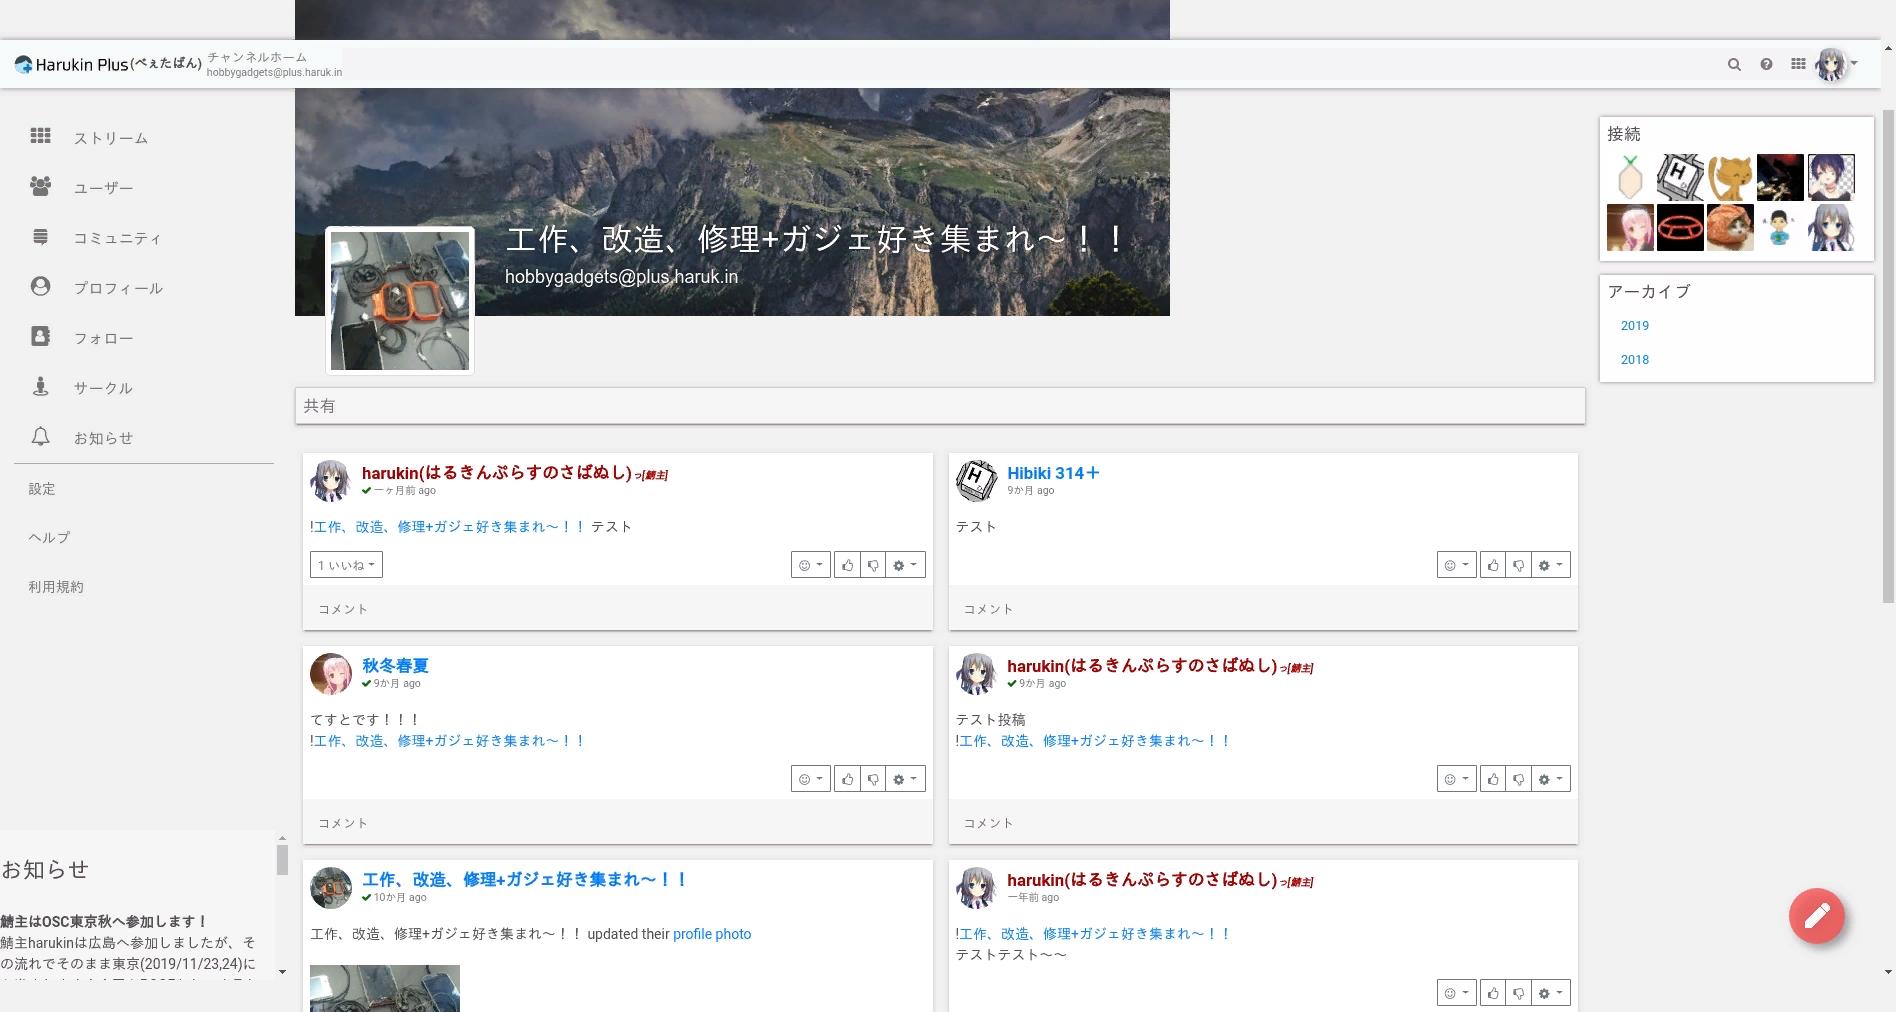 screenshot-plus.haruk.in-2019.11.03-23_08_15